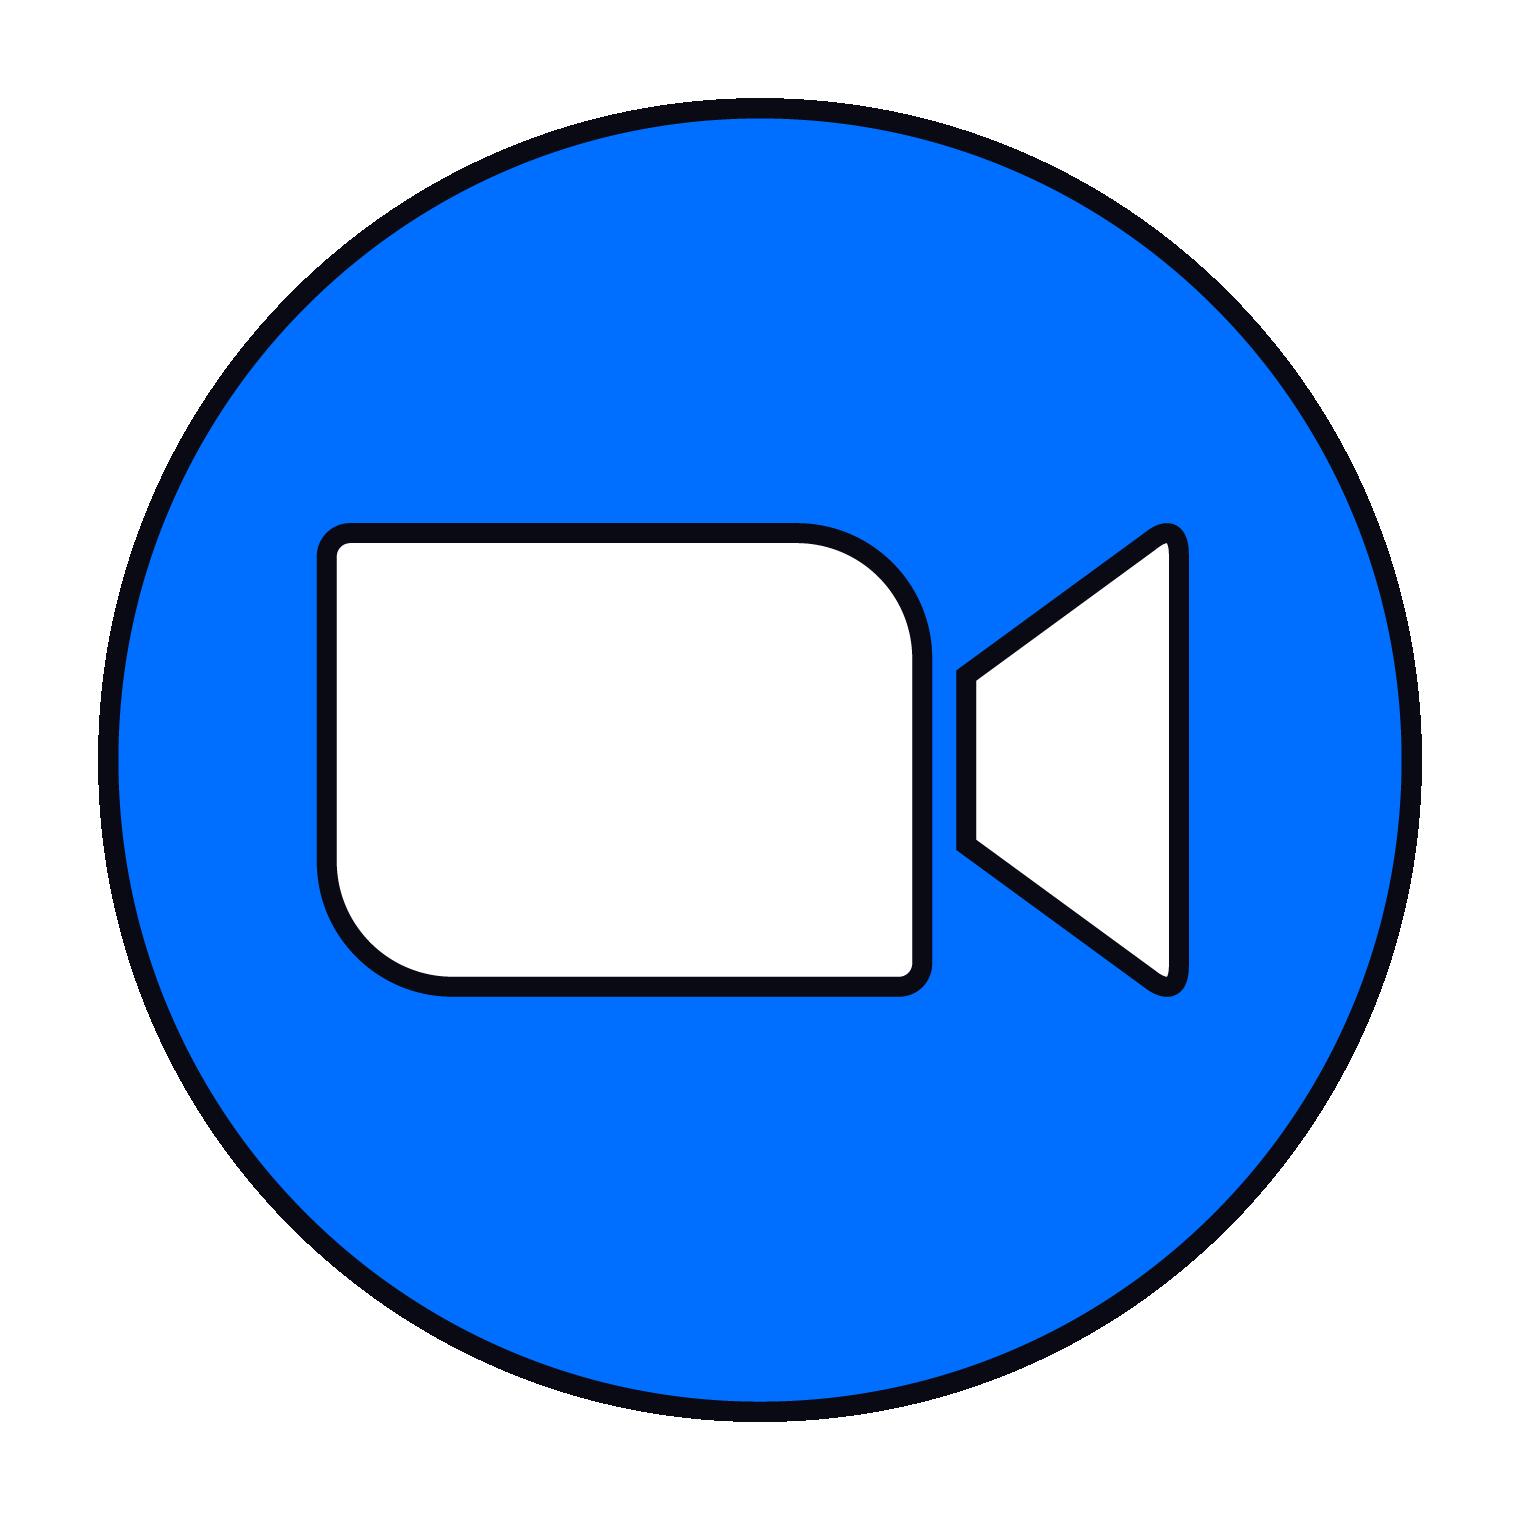 Icoon van het Zoom logo